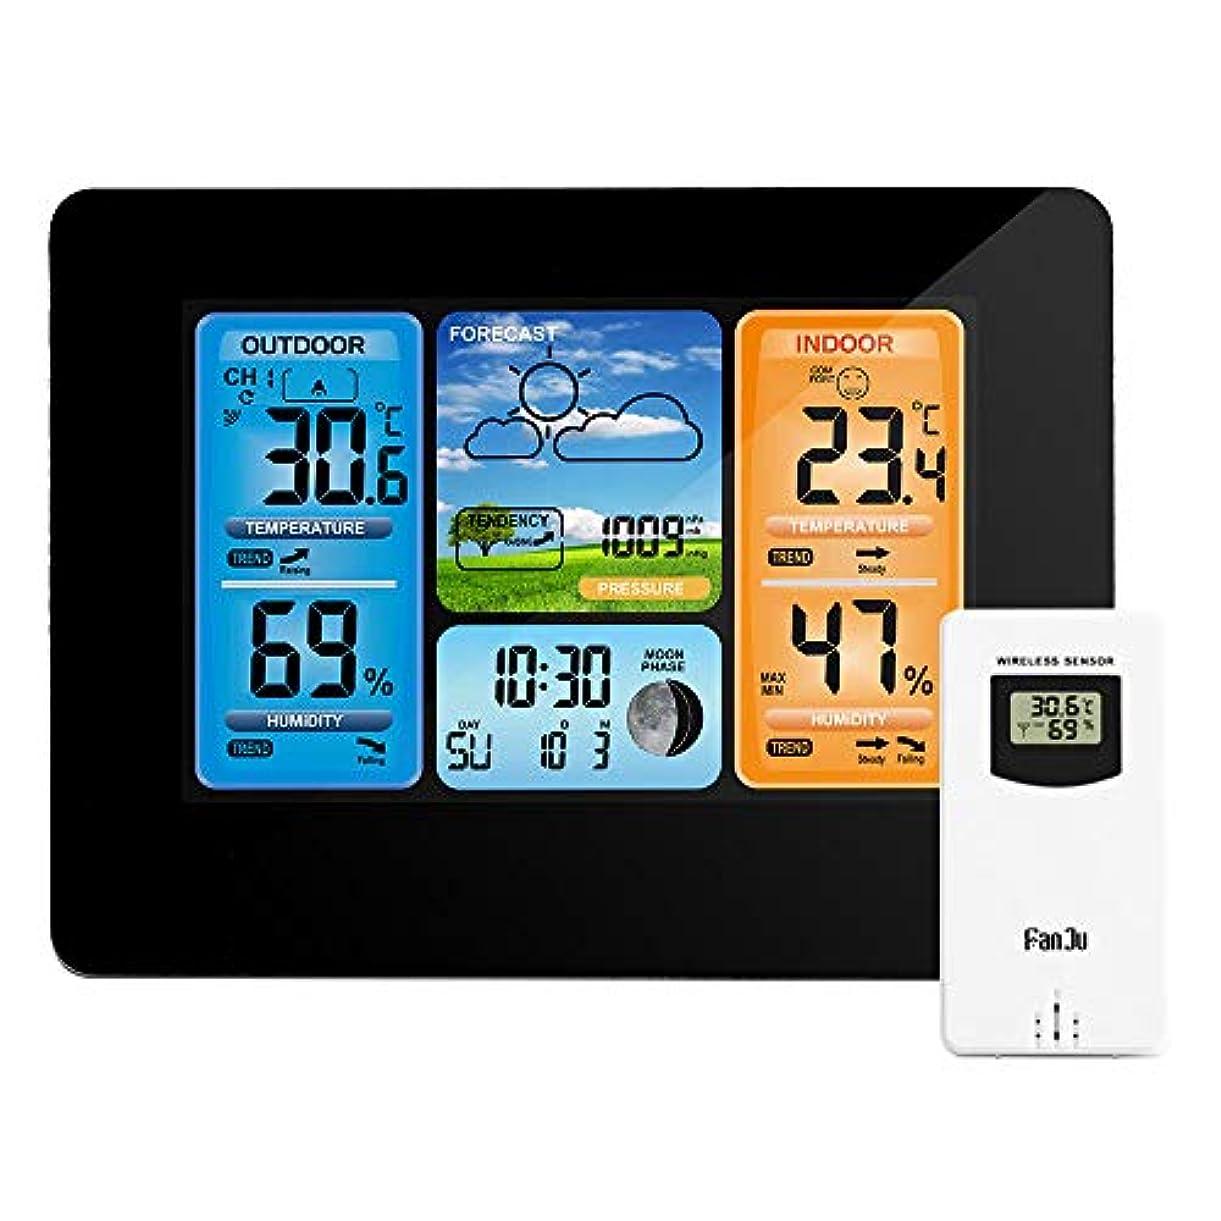 ぬるい更新株式会社天気ステーションデジタル温度計湿度計ワイヤレスセンサー予測温度時計ウォールデスク目覚まし時計